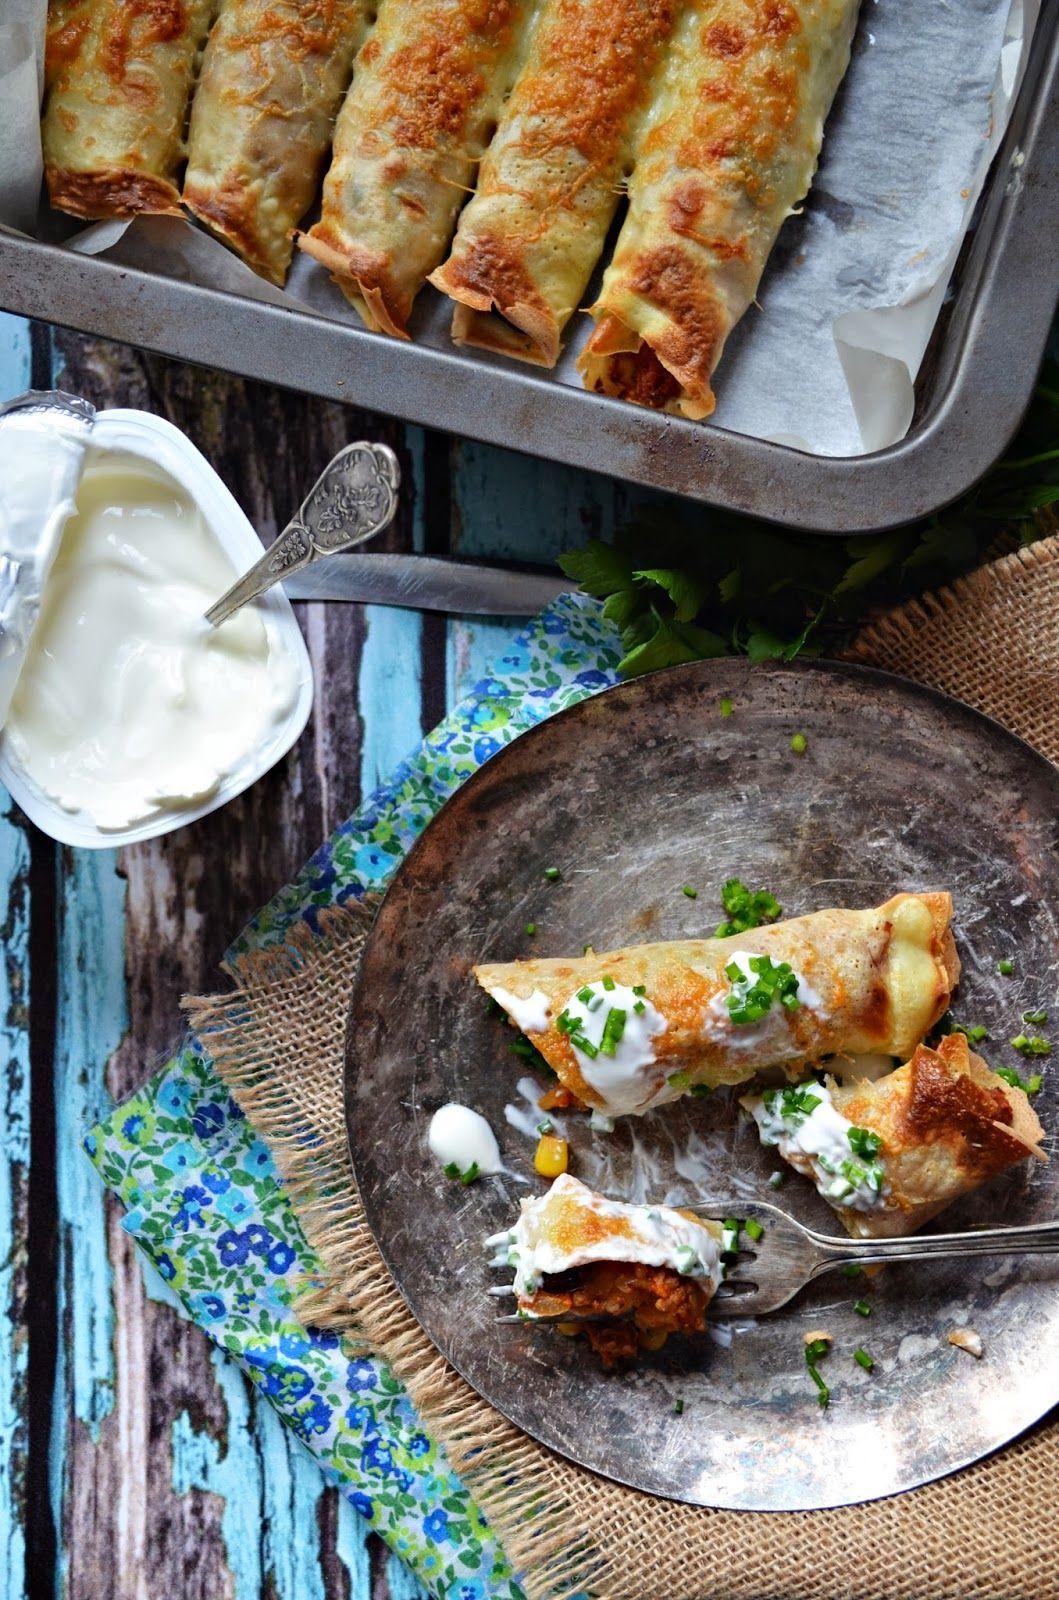 Kuchnia W Zieleni Nalesniki Meksykanskie Zapiekane Culinary Recipes Cooking Recipes